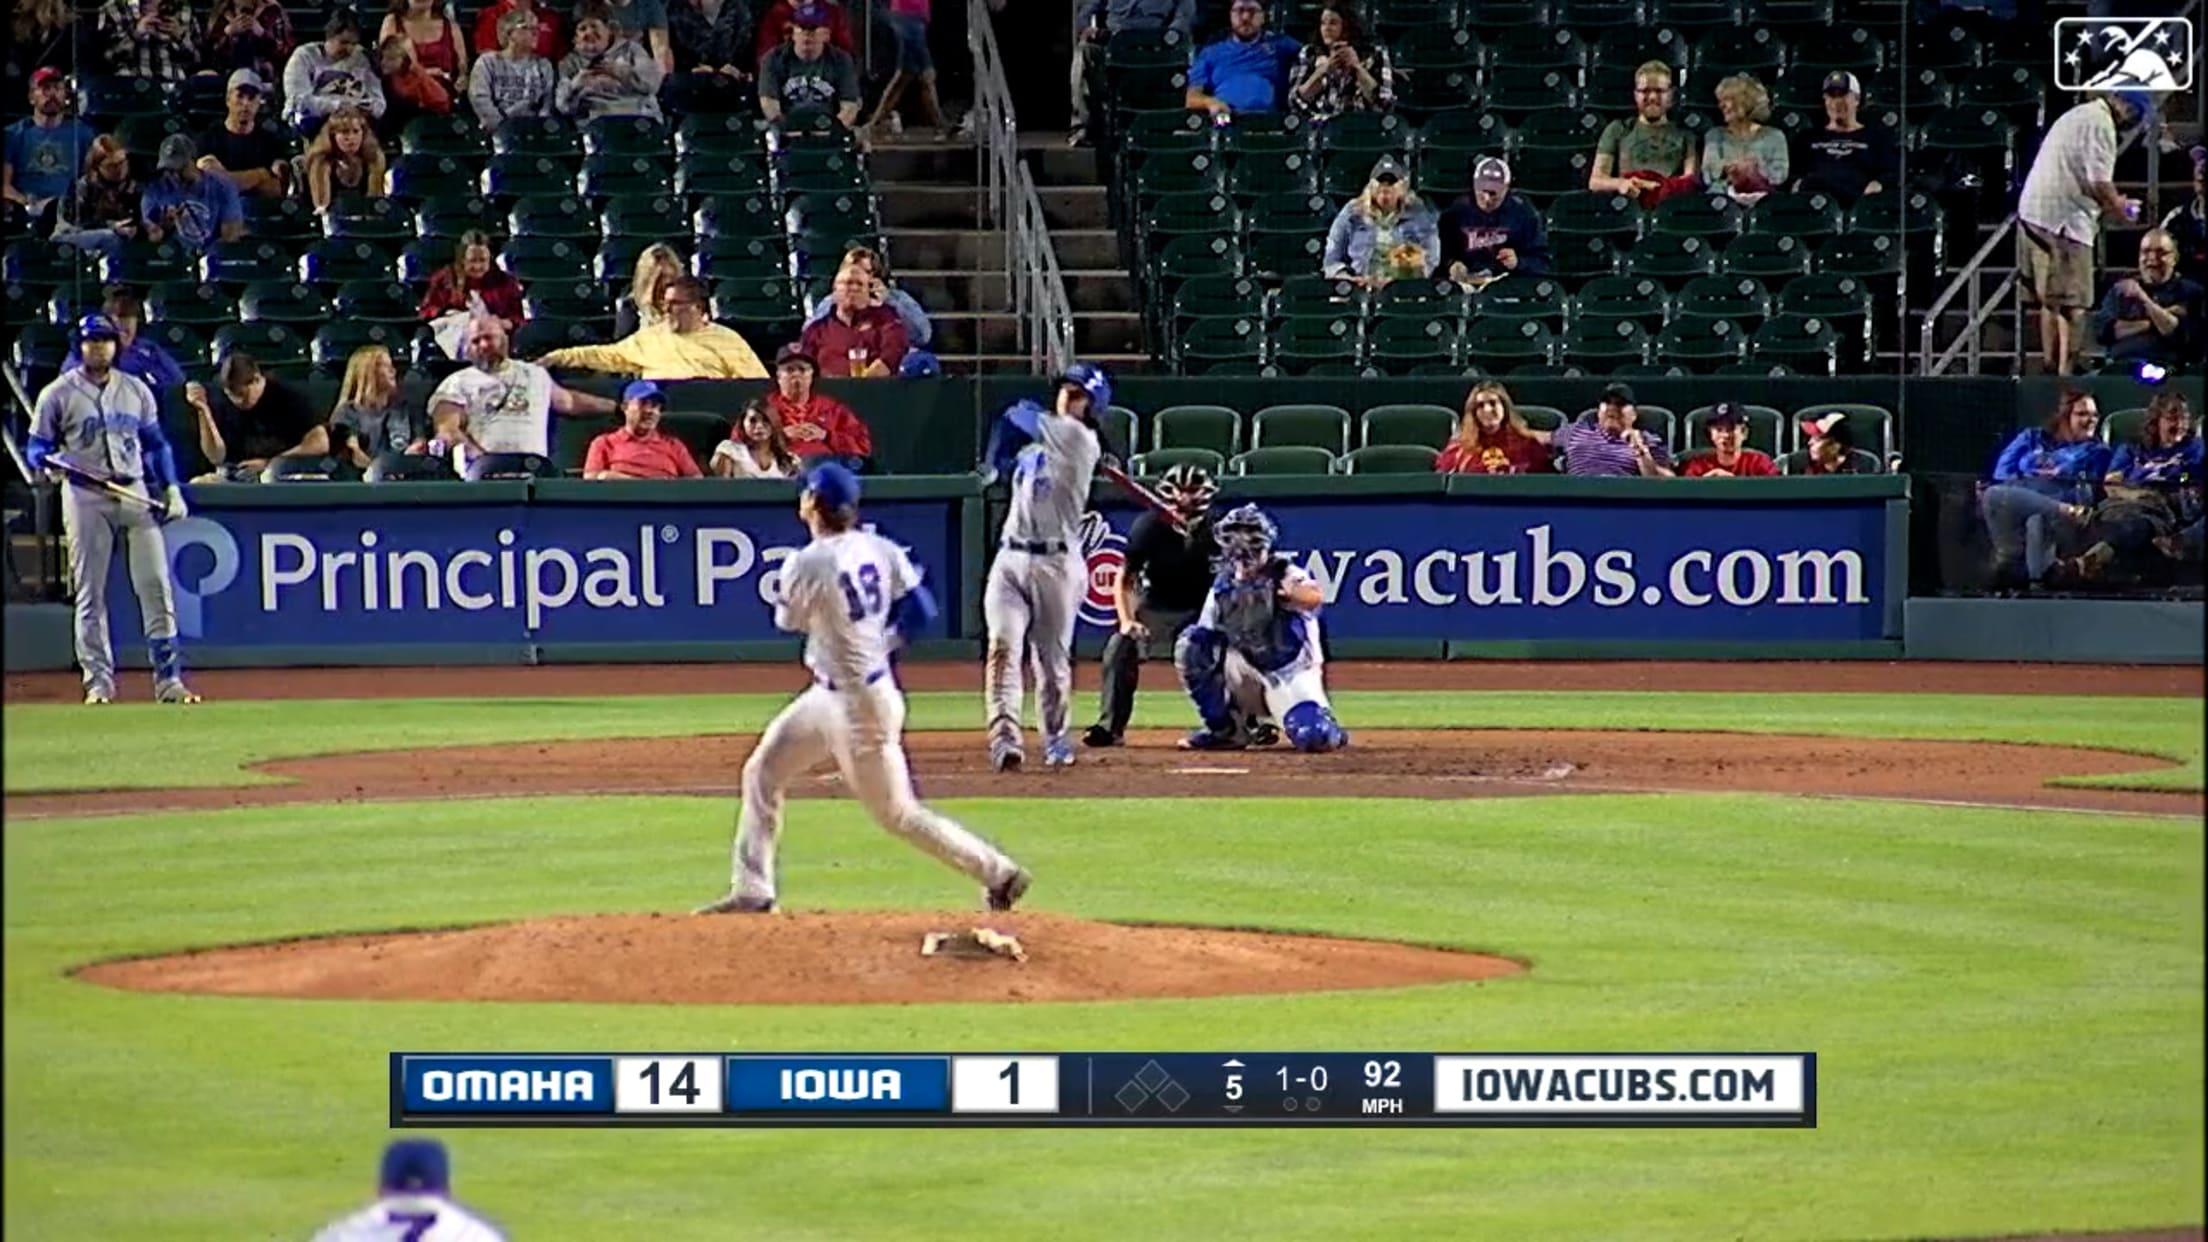 Pratto's 35th home run